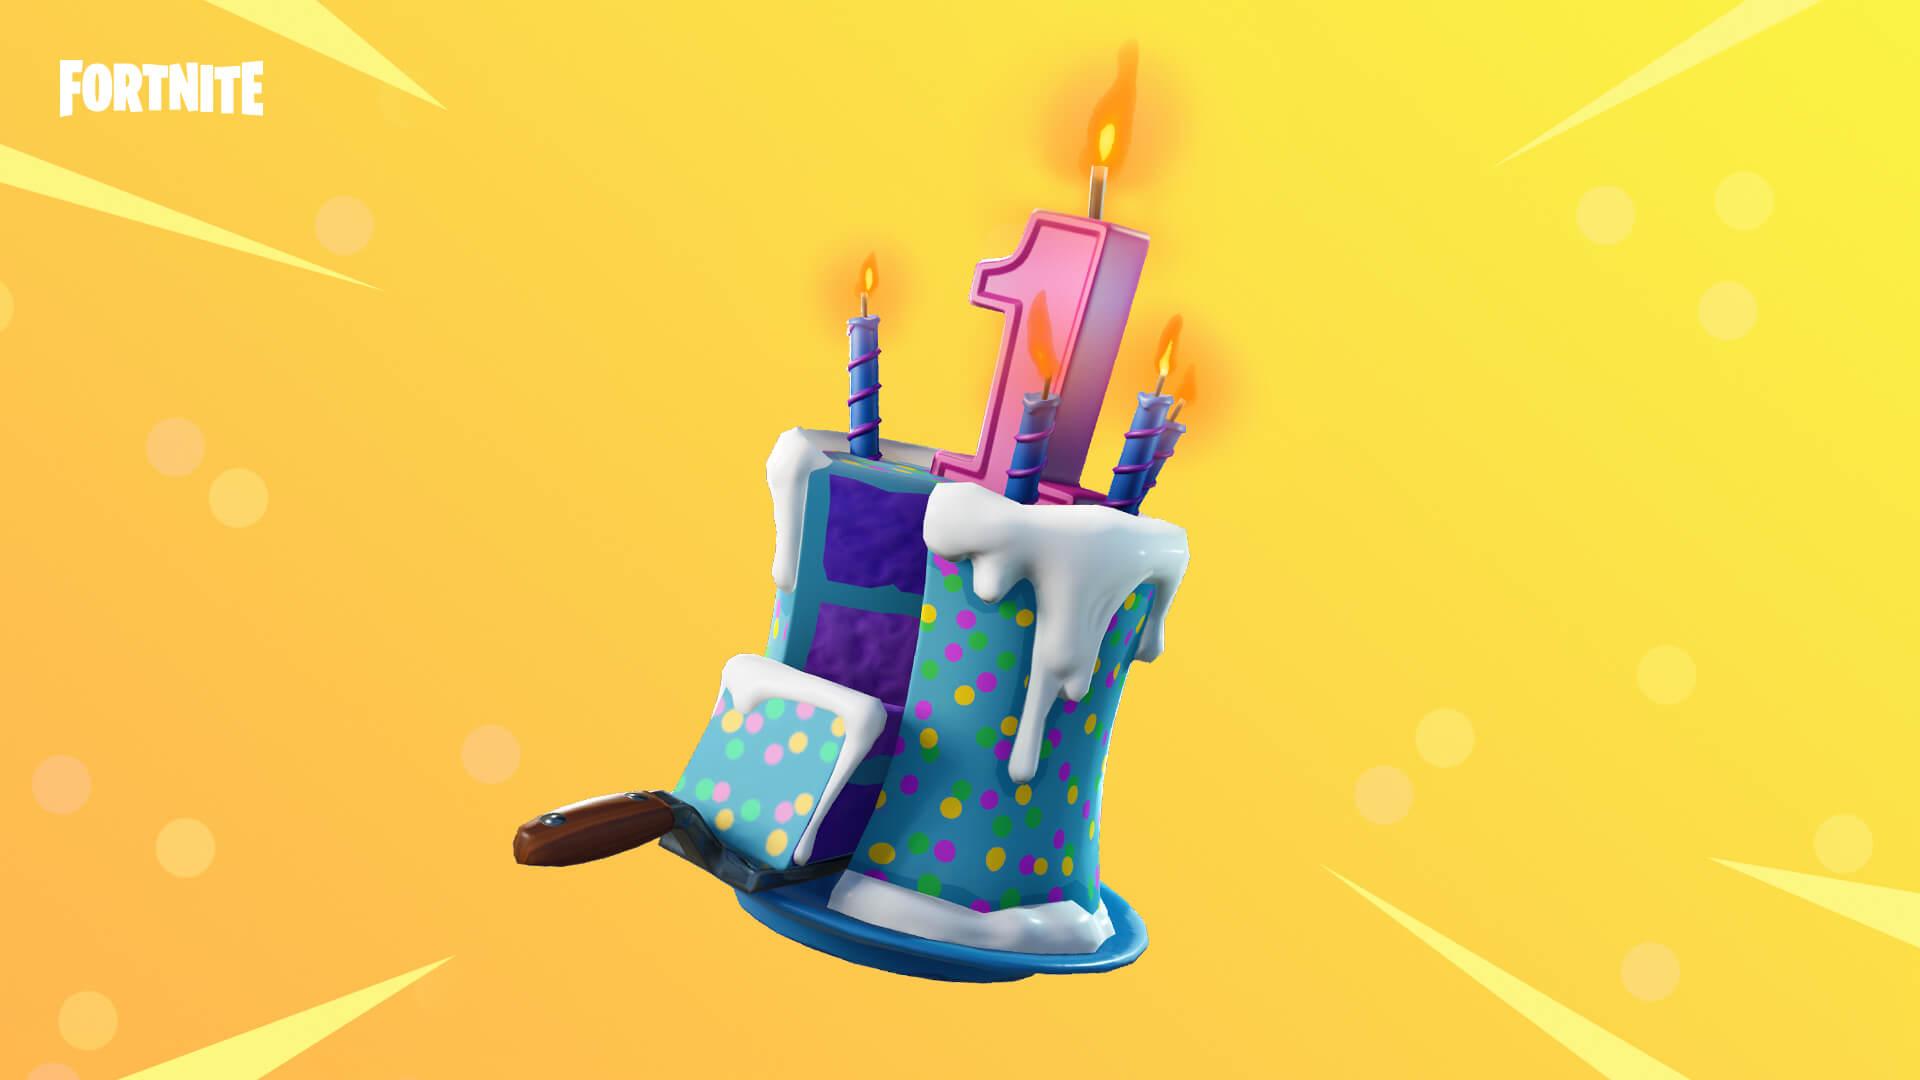 Fortnite Birthday Celebrations Kick Off Birthday Cake Locations